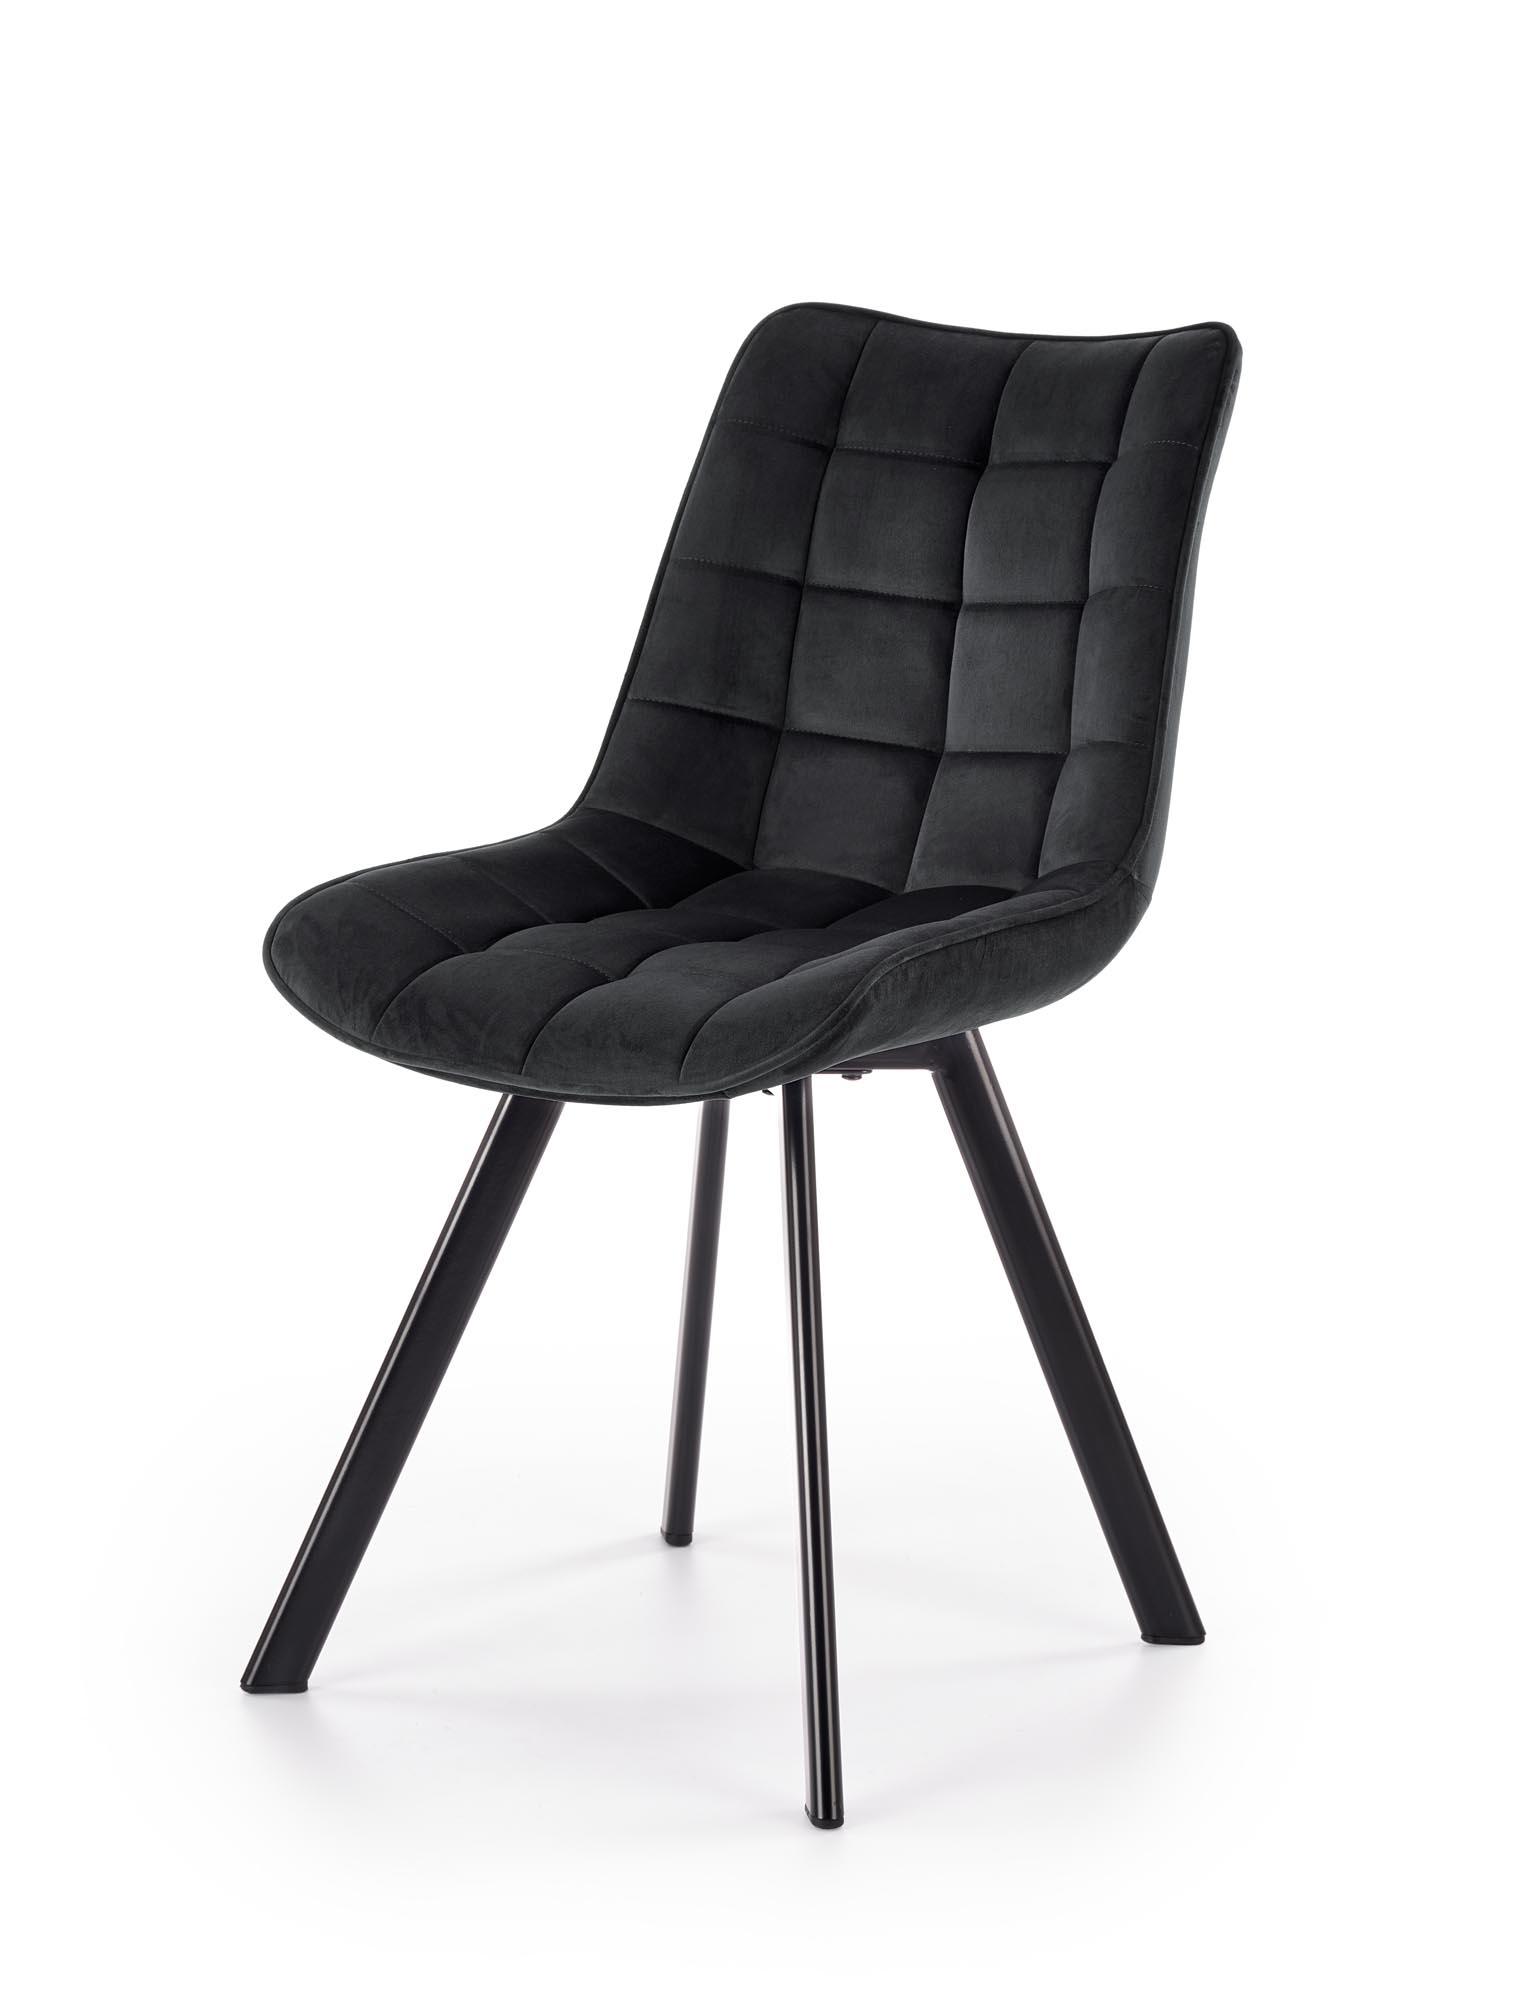 K332 krzesło nogi - czarne, siedzisko - czarny (1p=2szt)